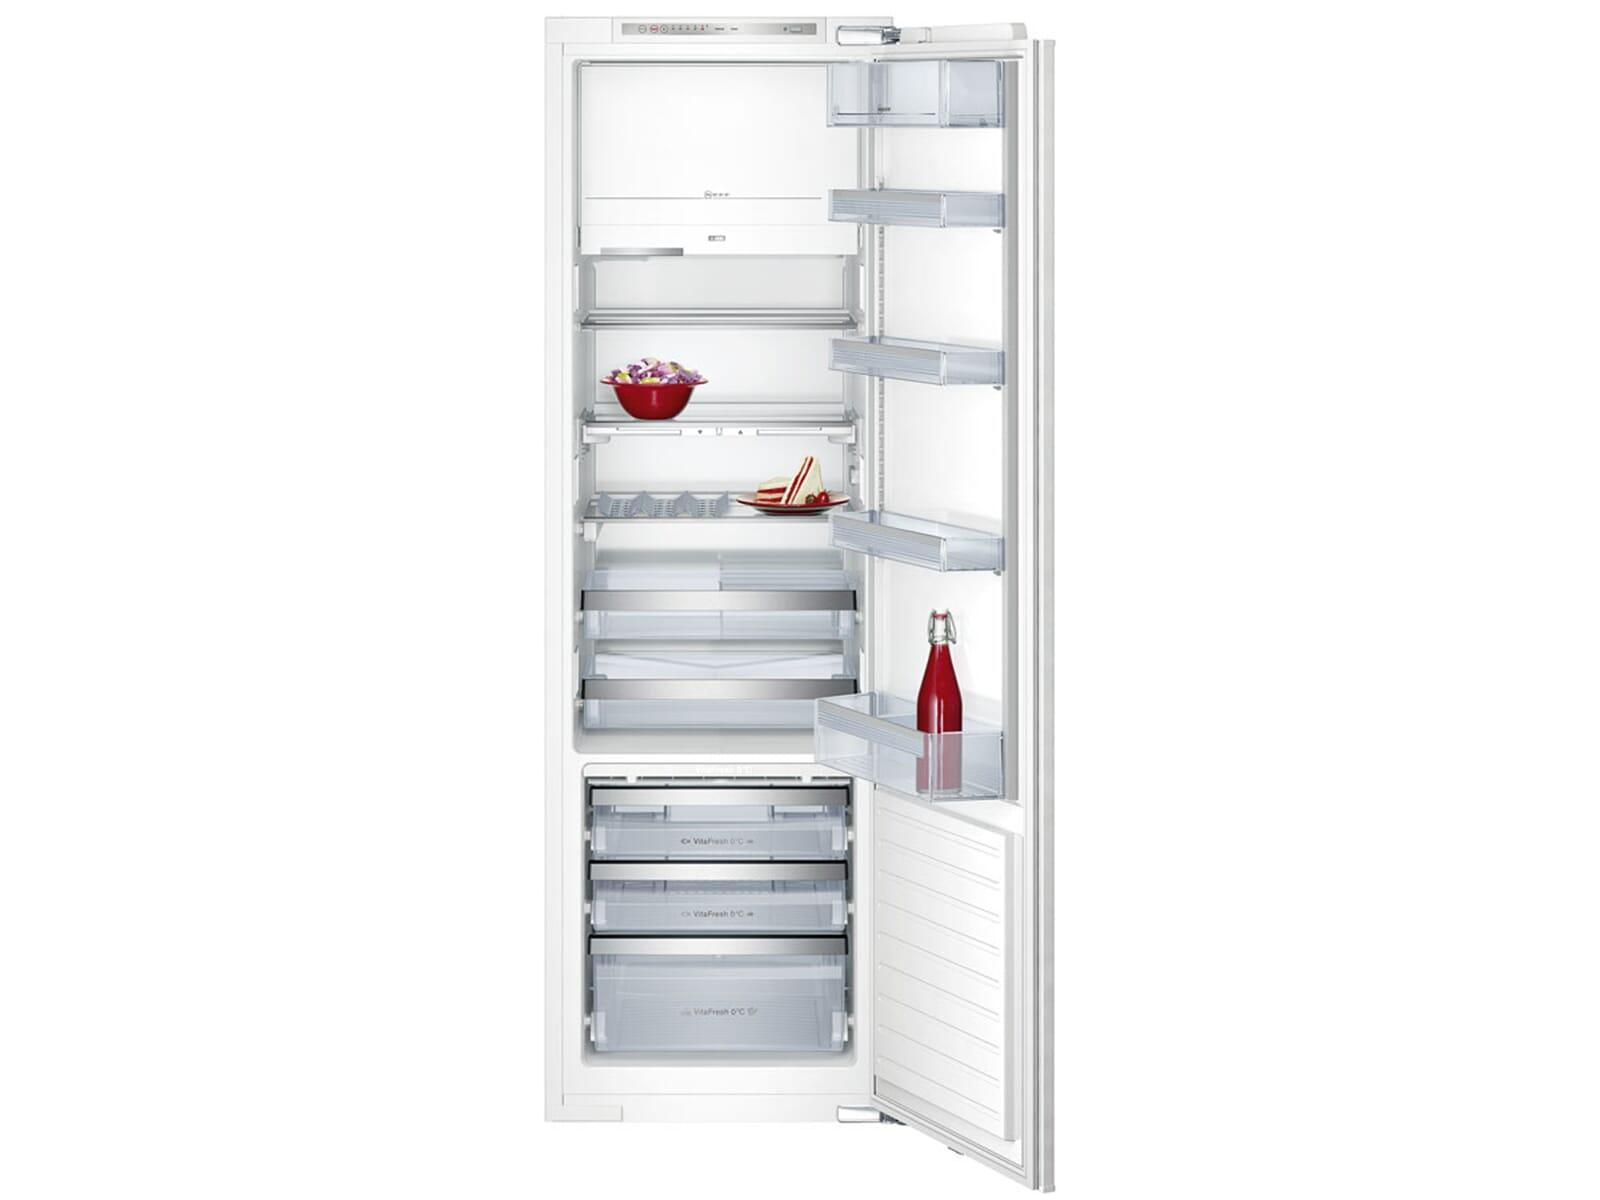 Aeg Kühlschrank Mit Kellerfach : Aeg kühlschrank mit kellerfach kühlschrank test sieger der